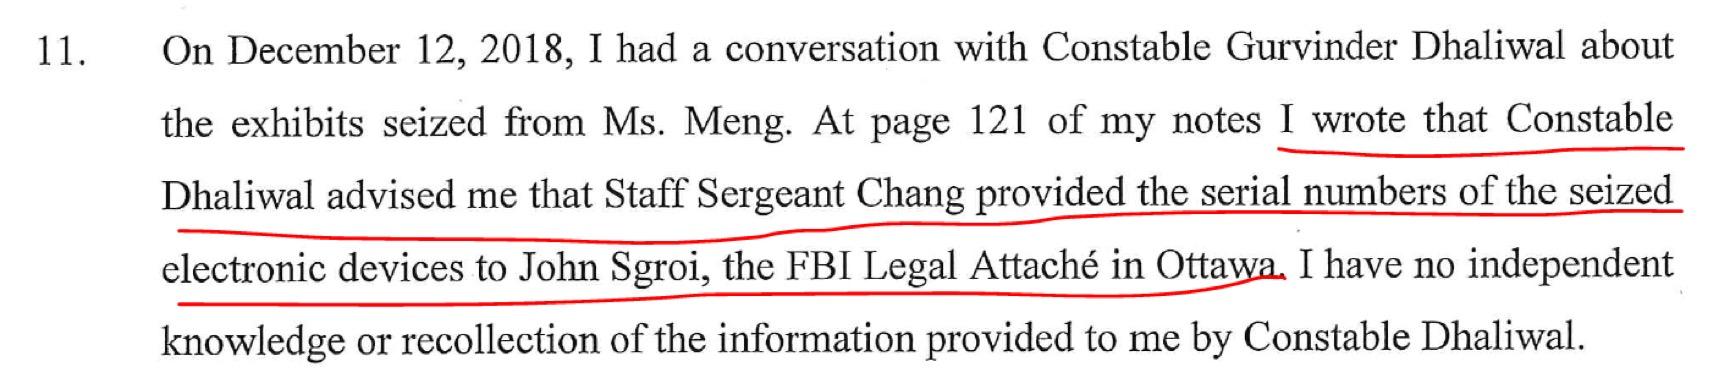 加拿大非法逮捕孟晚舟文件曝光 手机信息被送至FBI